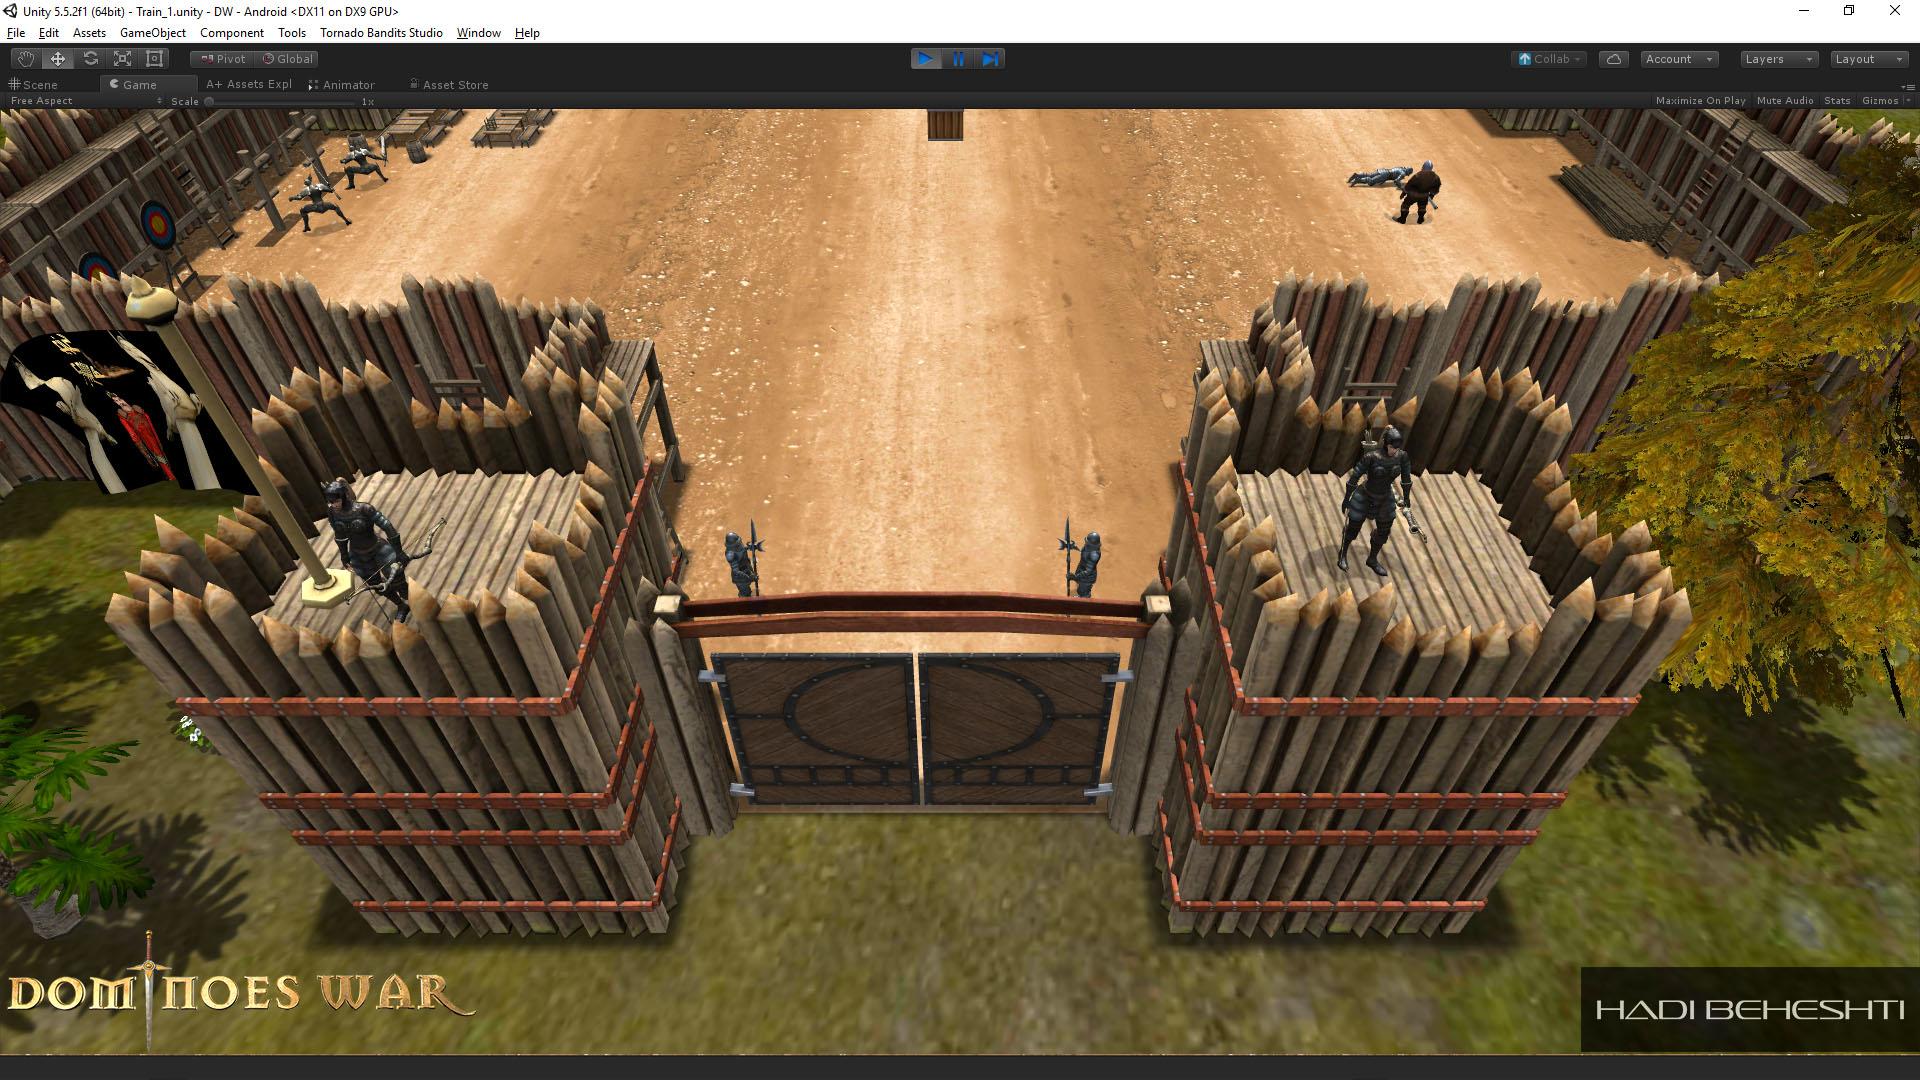 Dominoes War Game Garrison Scene Hadi Beheshti CG Artist-13